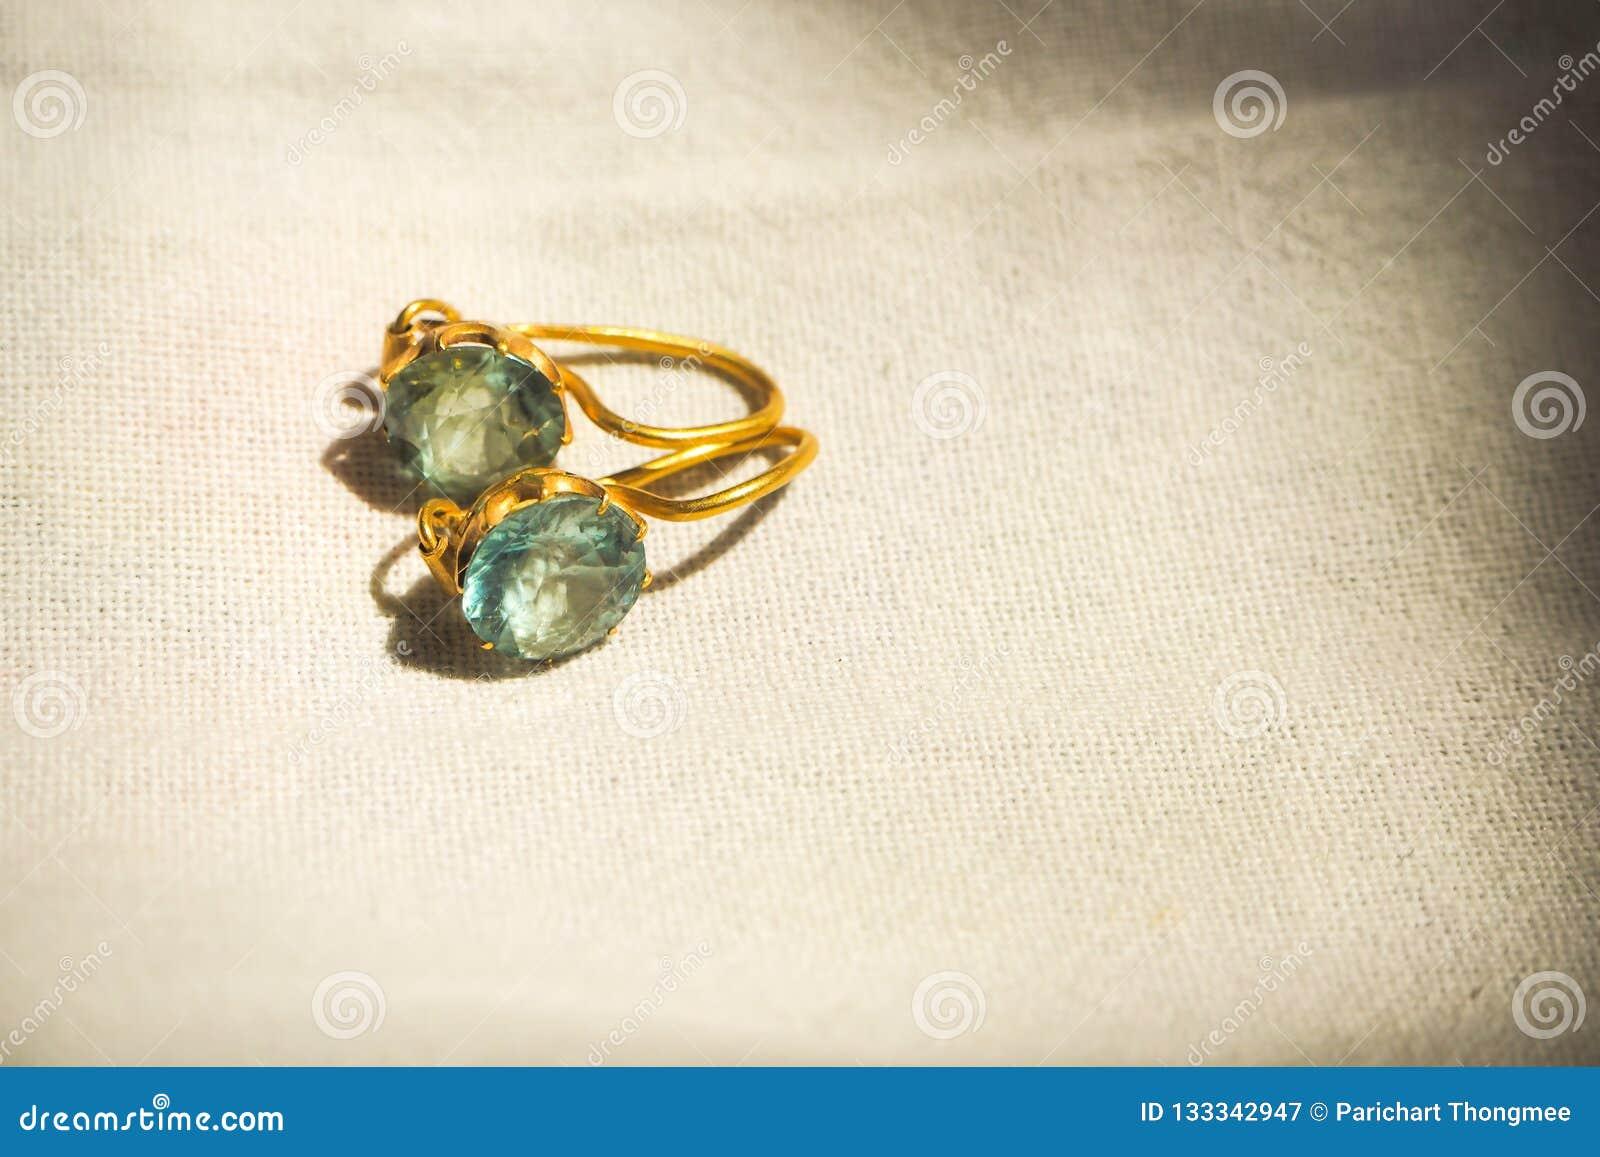 Presente bonito de pedra de Diamond Vintage-Inspired Gemstone Earrings do vintage dois melhor para a ideia do projeto de conceito